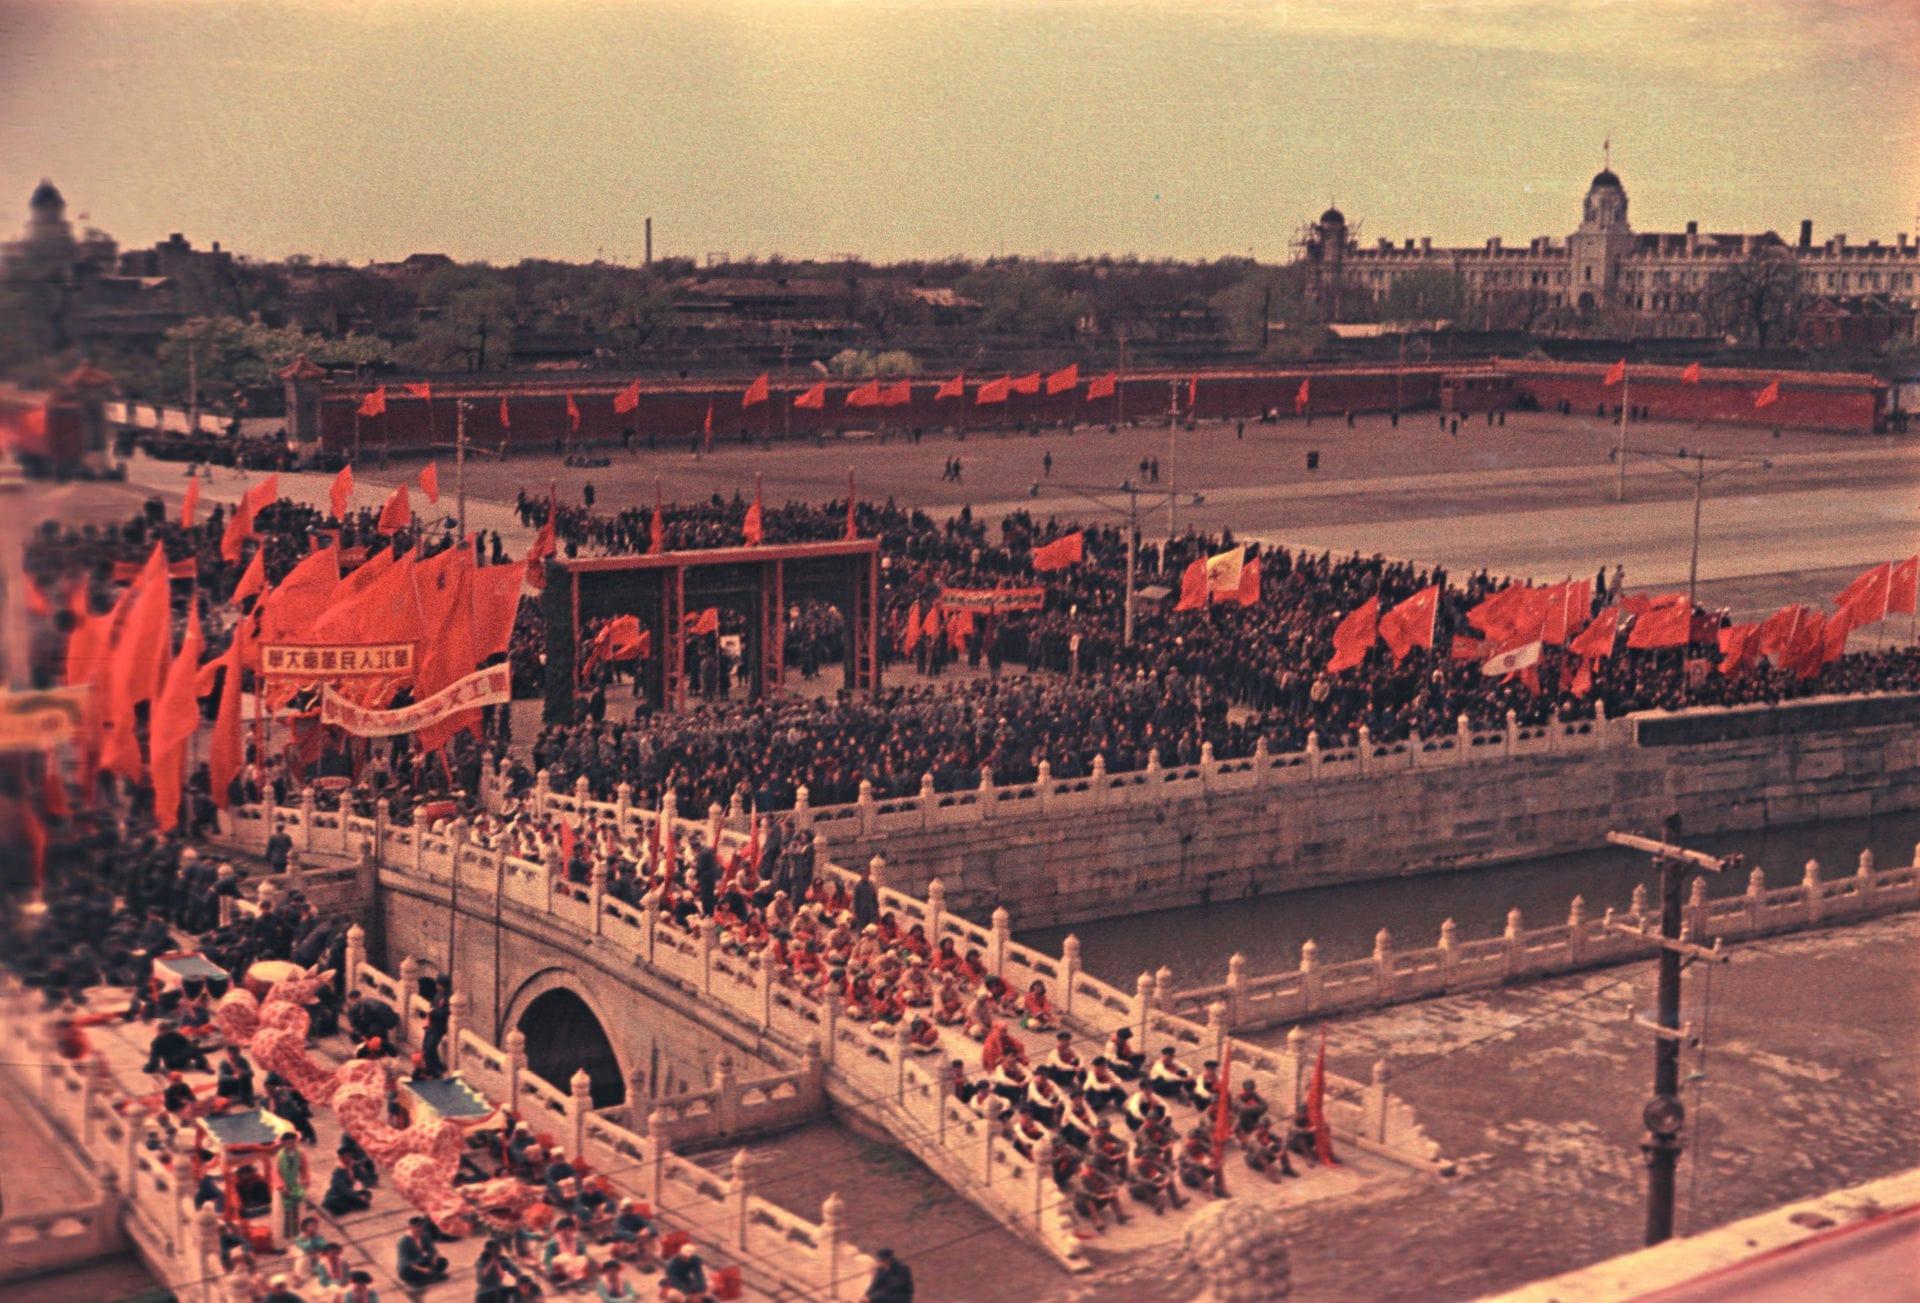 Экспонат #2. Вид на площадь Тяньаньмэнь. 1 октября 1949 года